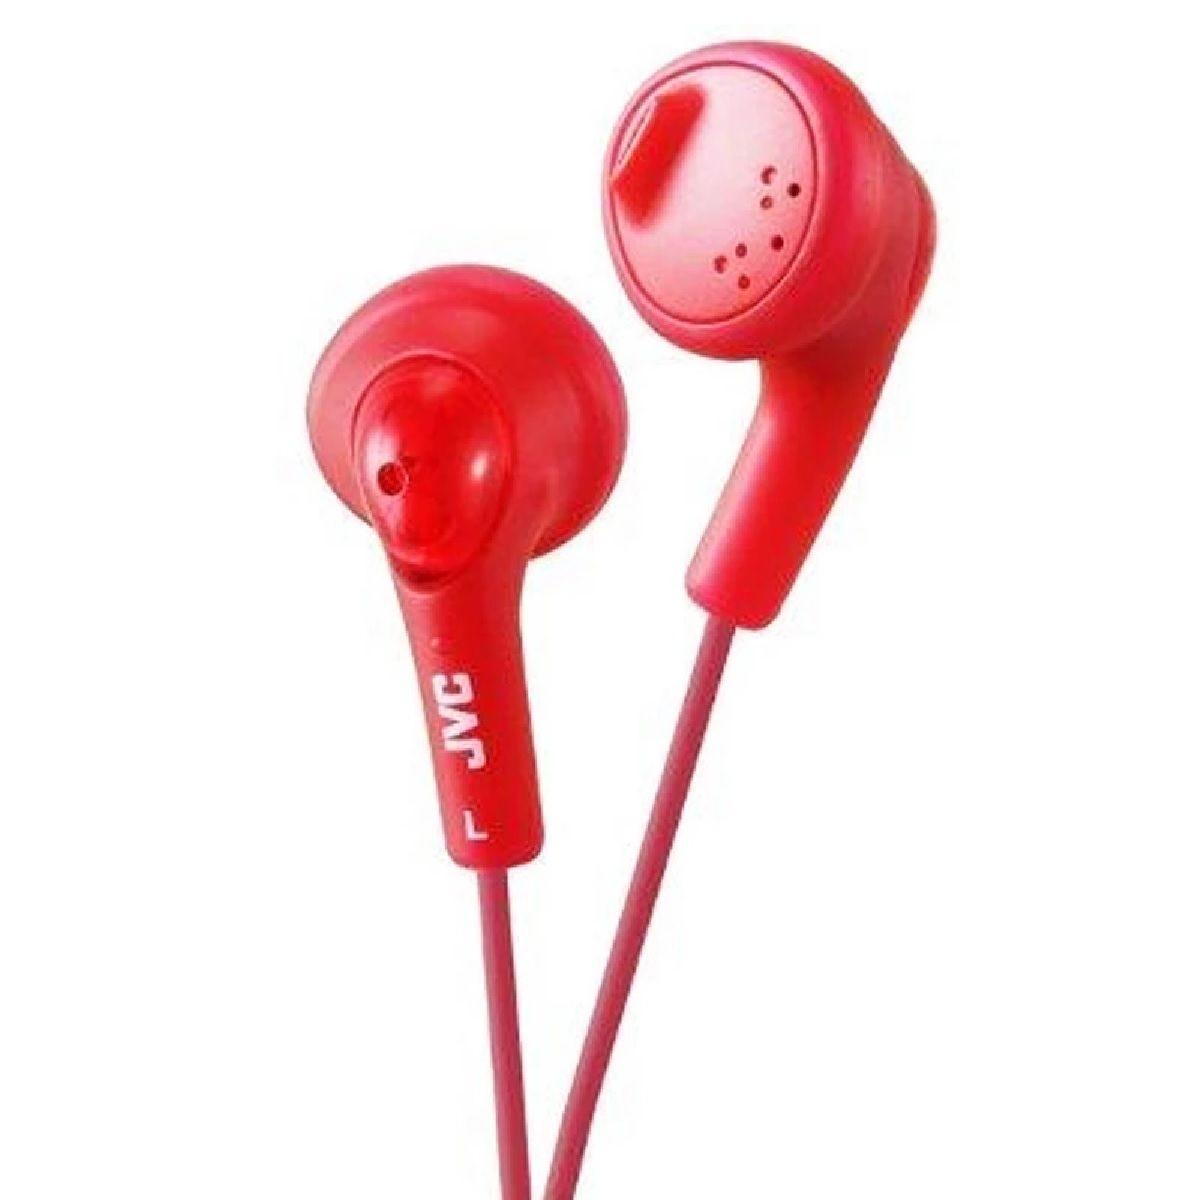 JVC Gumy In-Ear Audio Headphones - Red